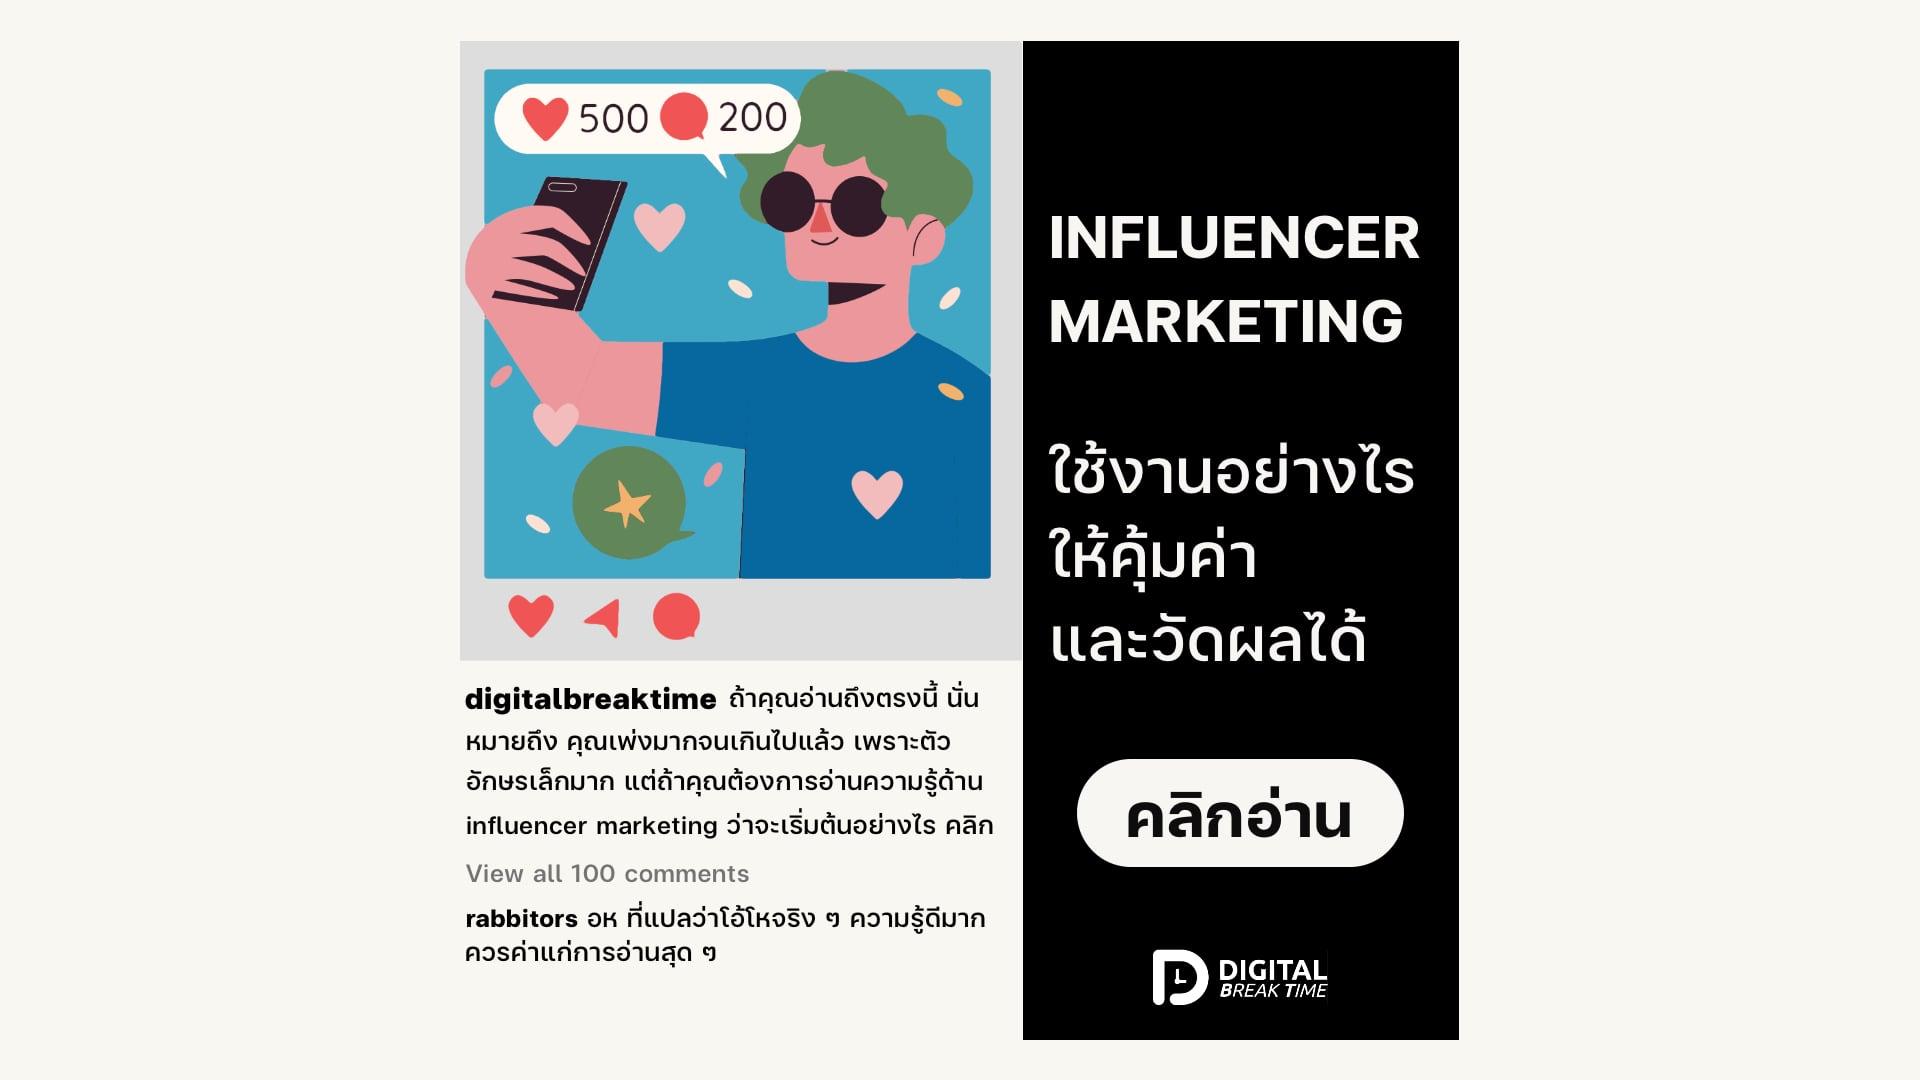 ใช้ Influencer Marketing cover